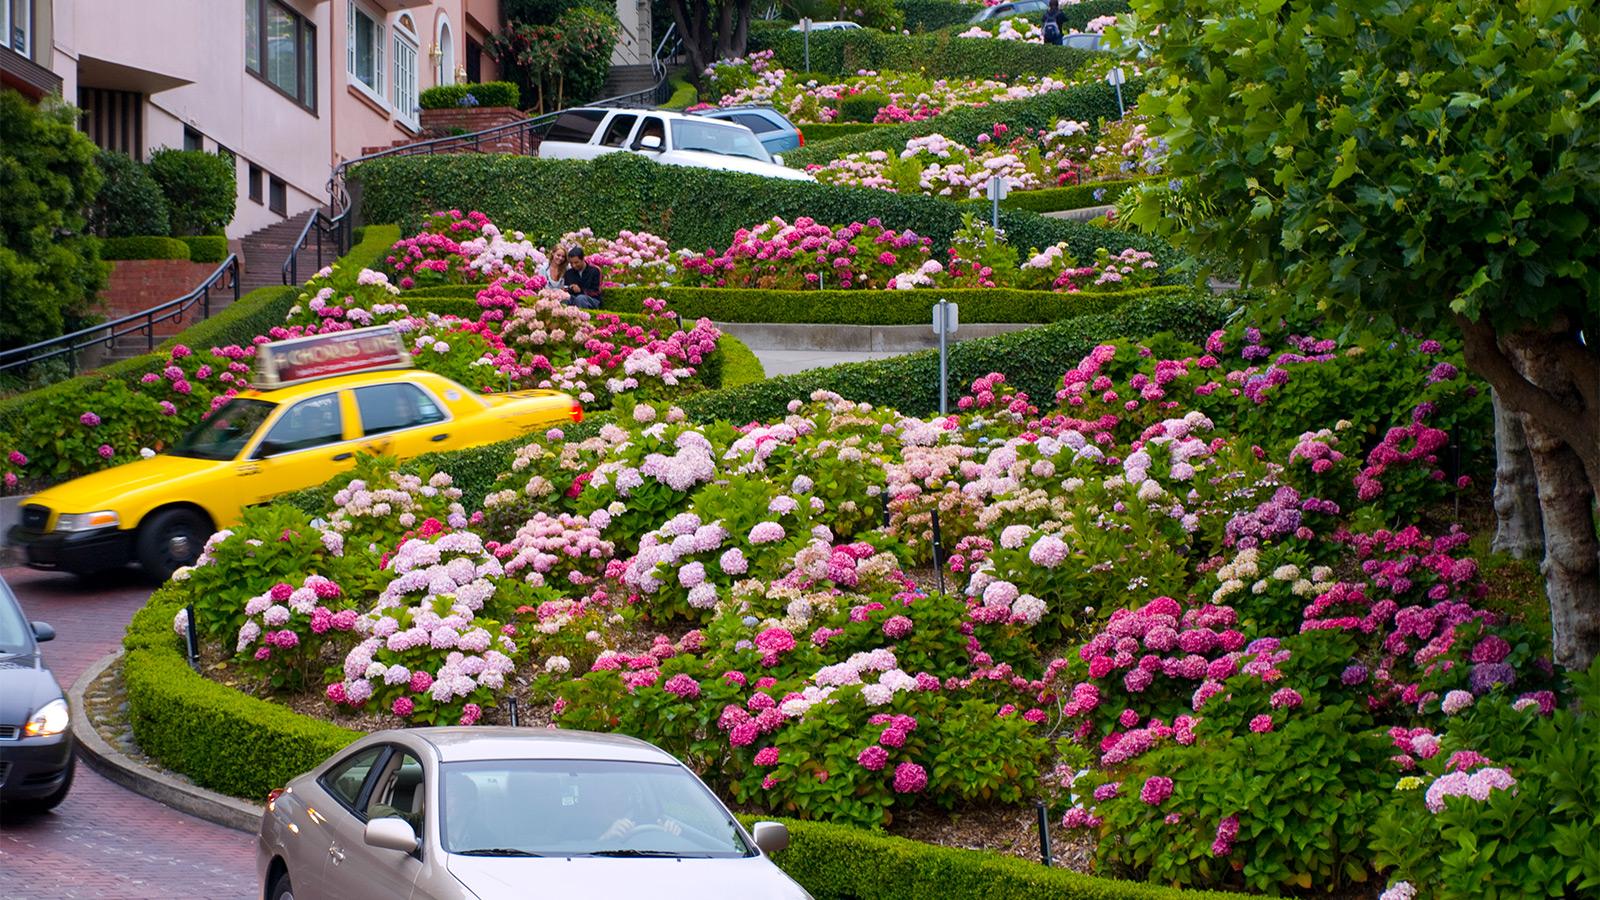 khu vườn xinh đẹp ở đường Lombard